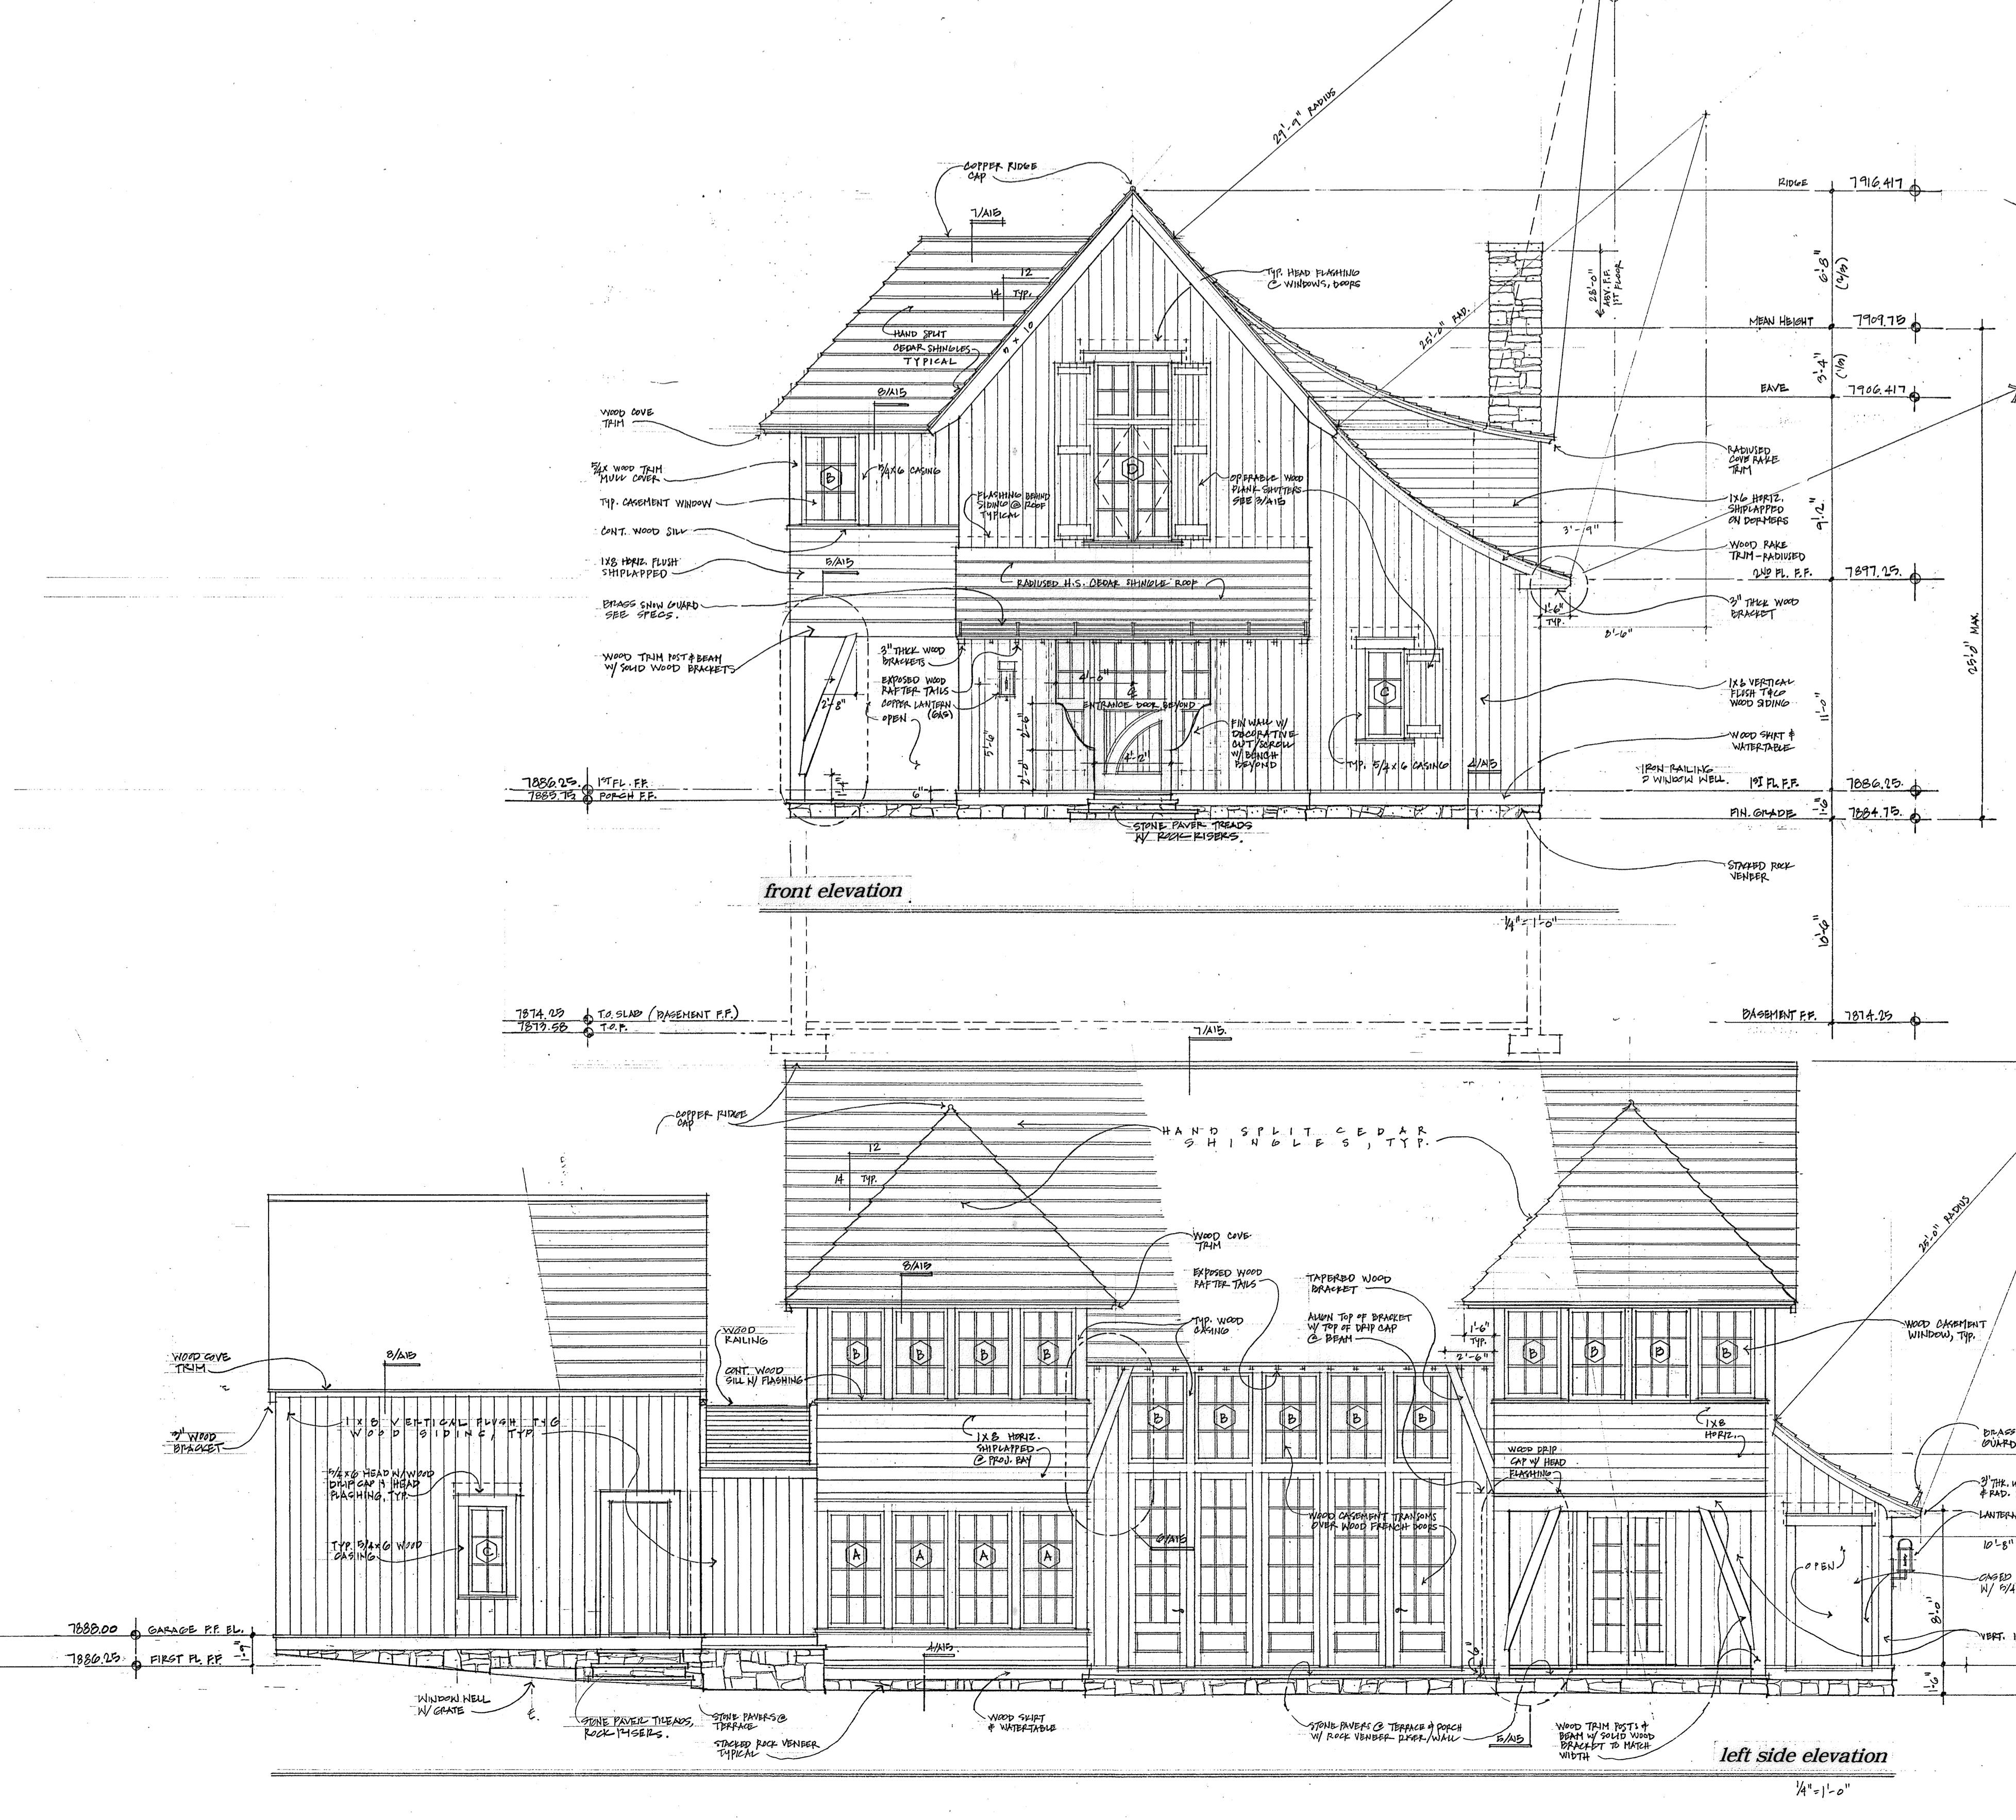 Mvcc View Building Application Plans